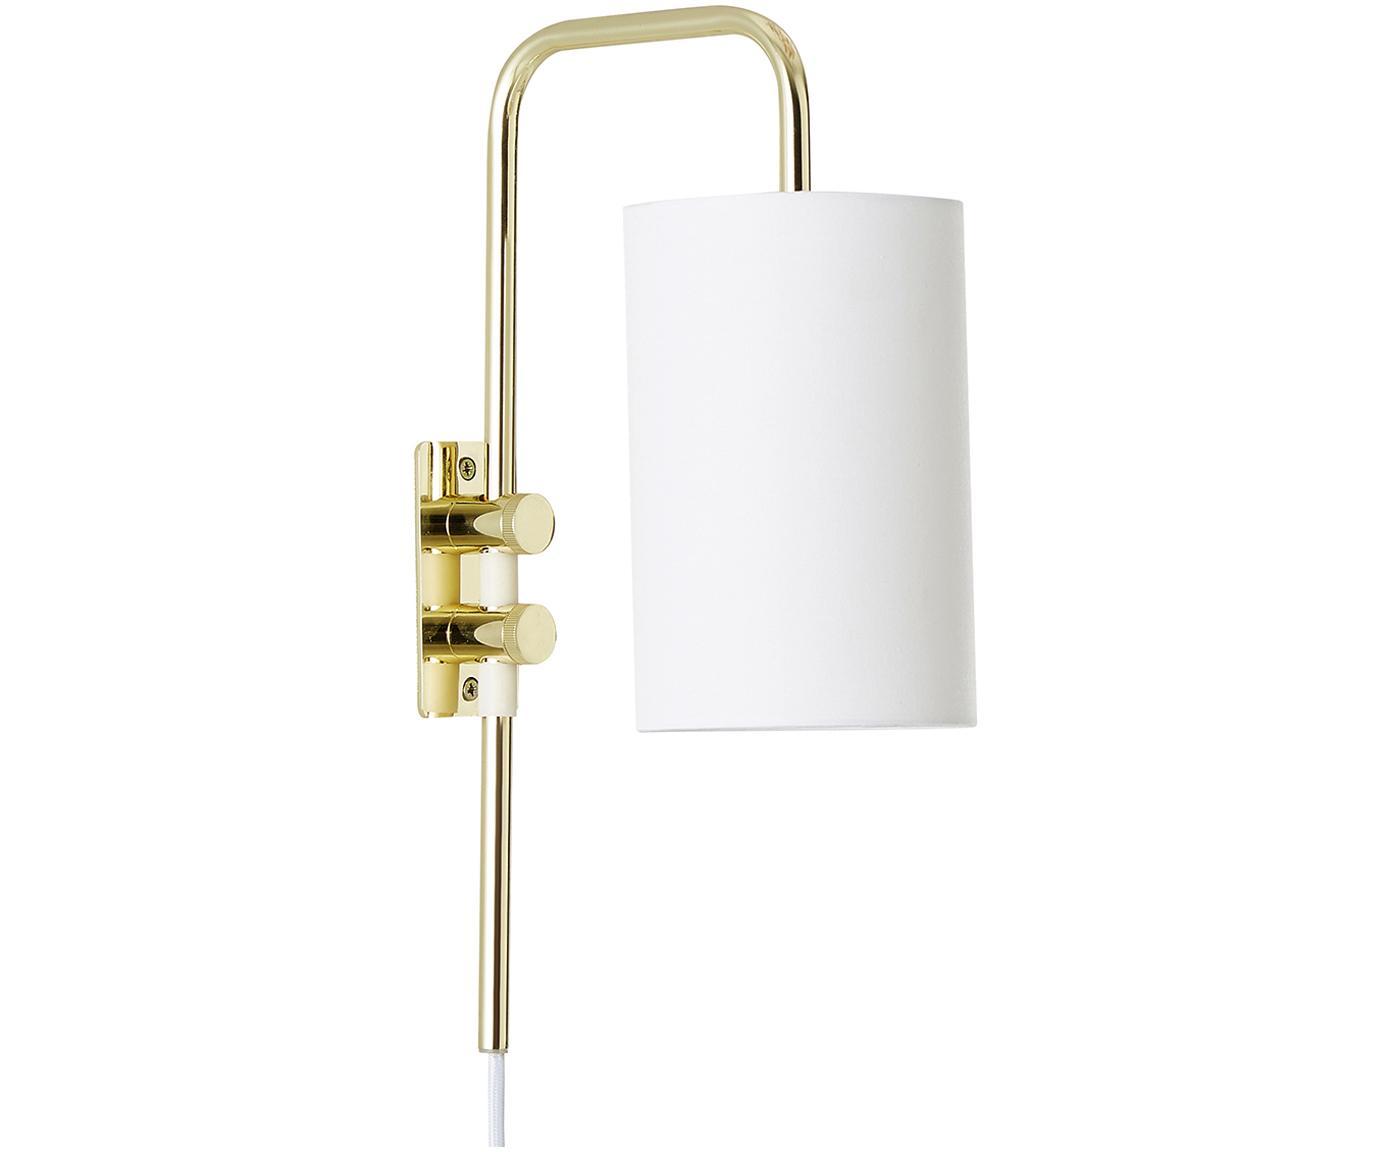 Wandleuchte Isa mit Stecker, Lampenschirm: Baumwollgemisch, Lampengestell:Goldfarben, glänzendLampenschirm:Weiss, 12 x 38 cm